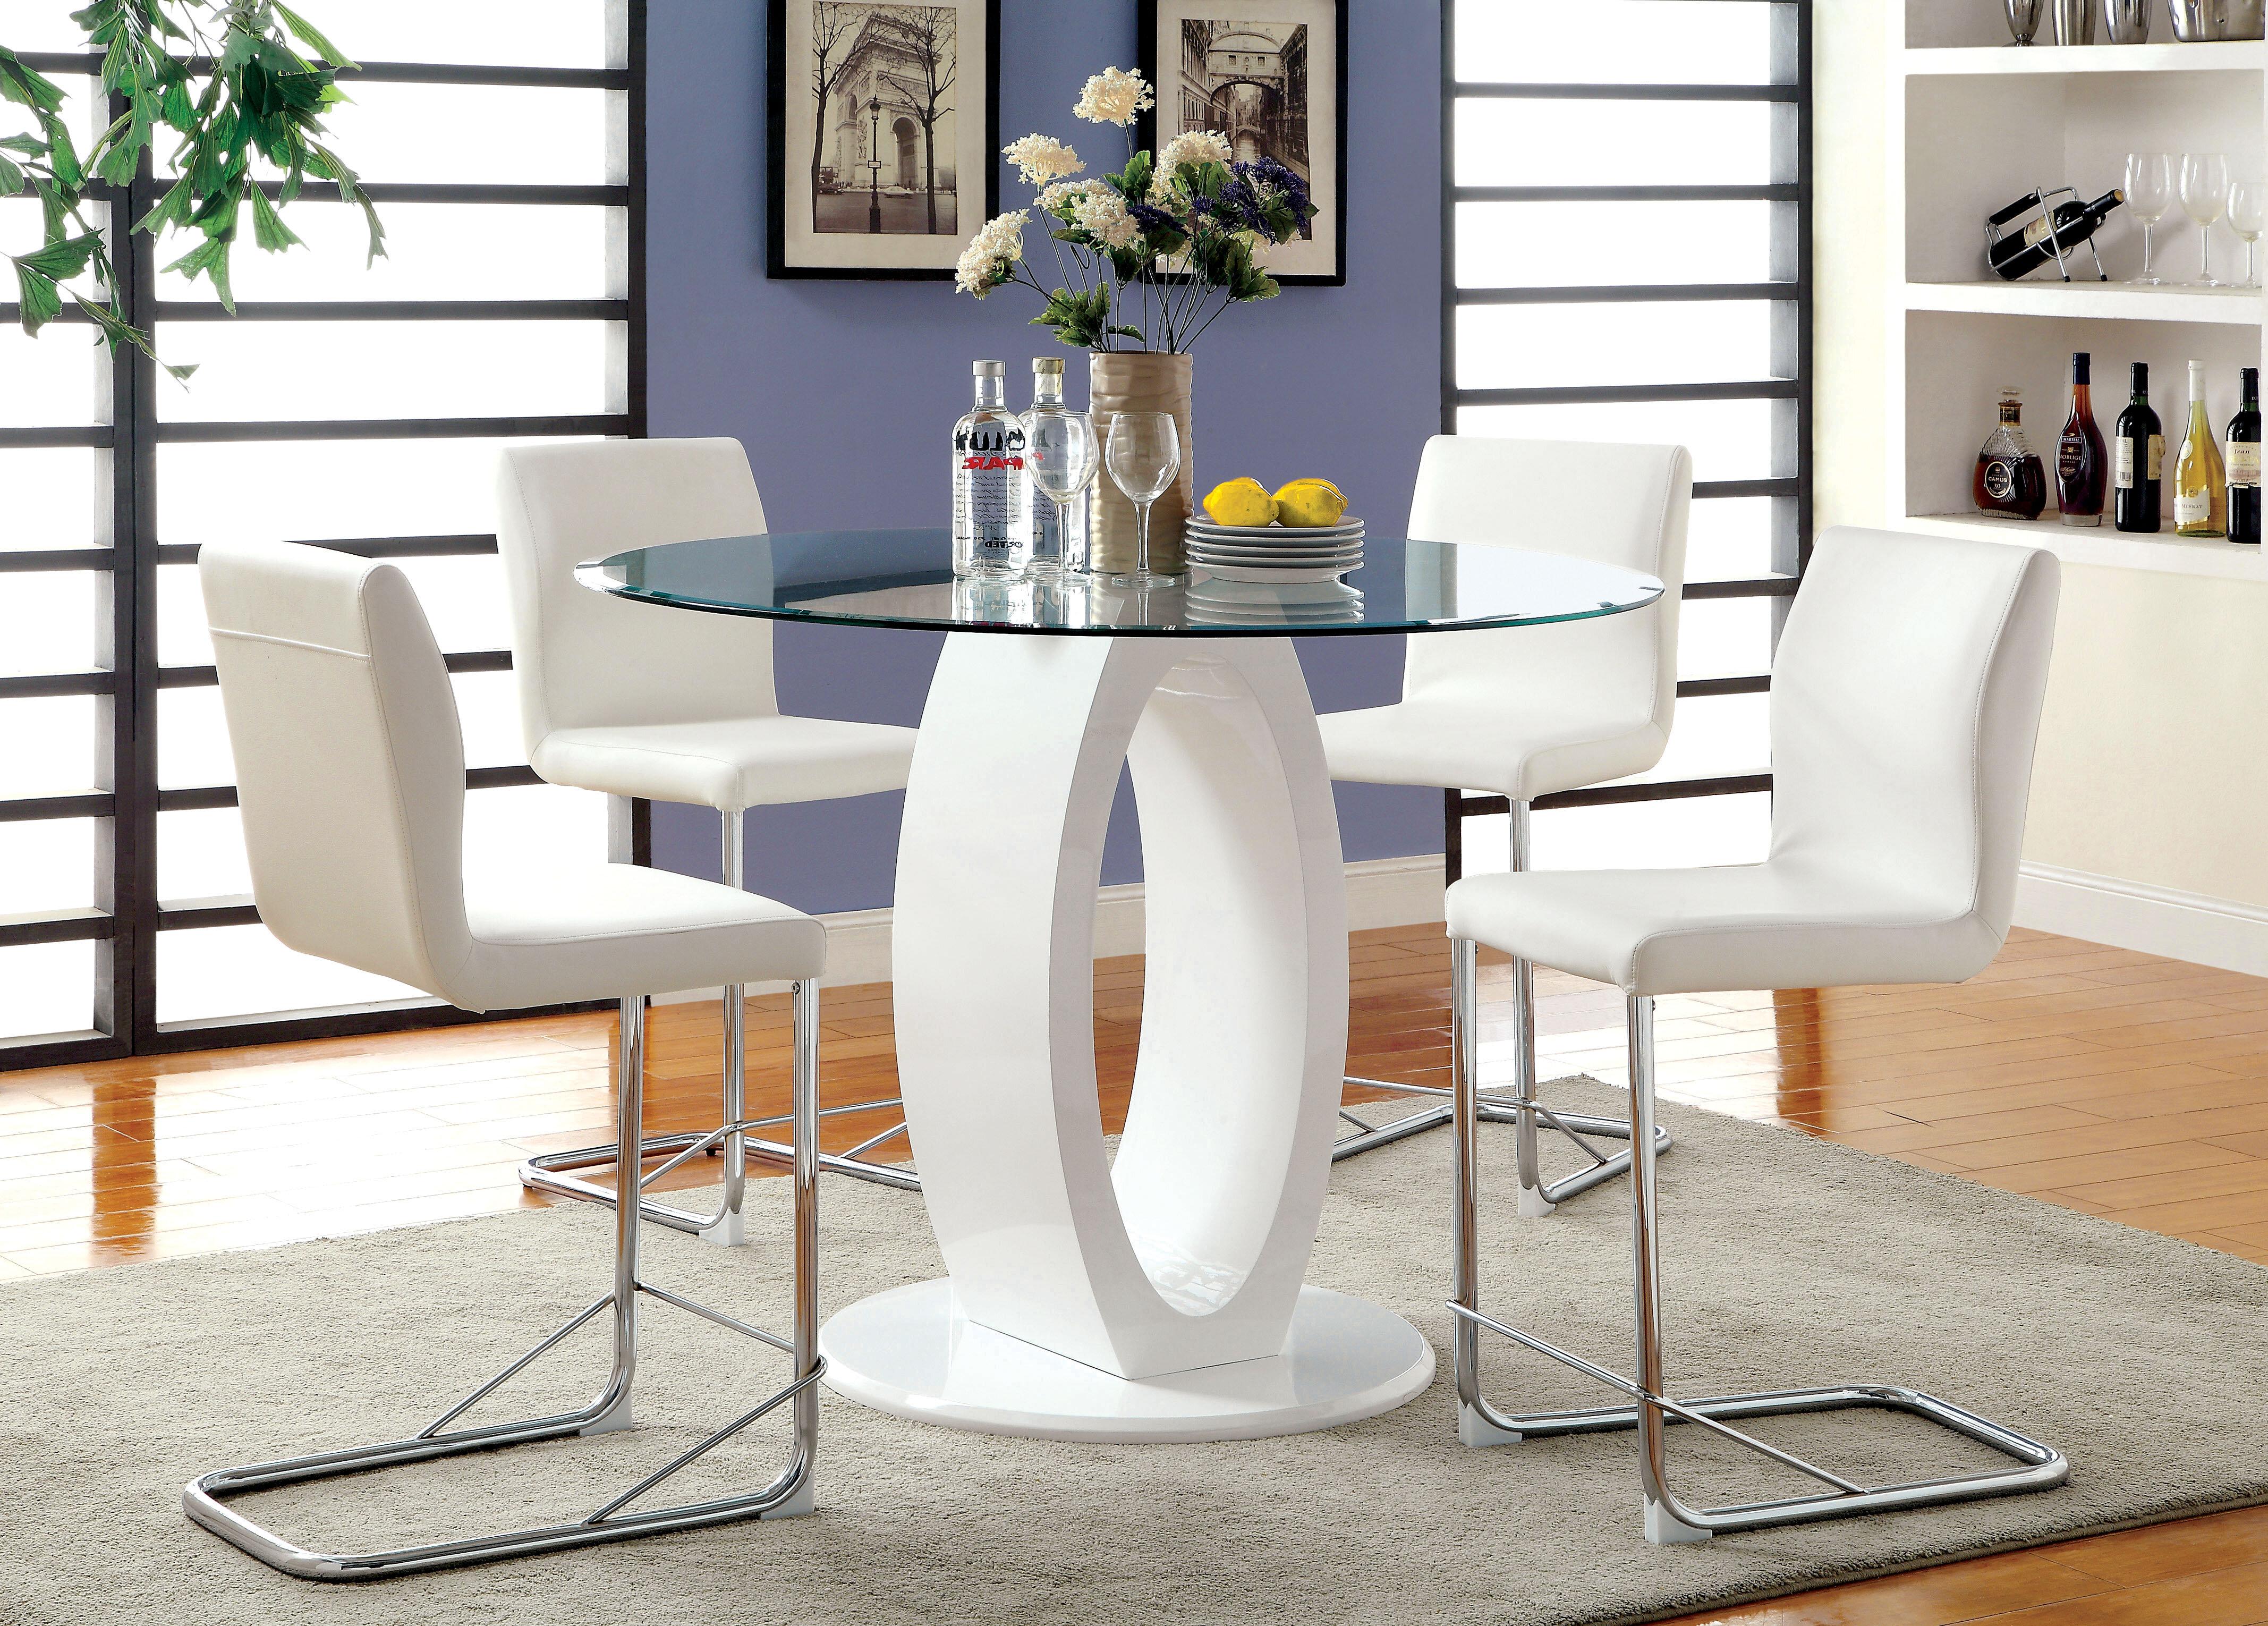 Hokku Designs Benedict 5 Piece Dining Set & Reviews | Wayfair